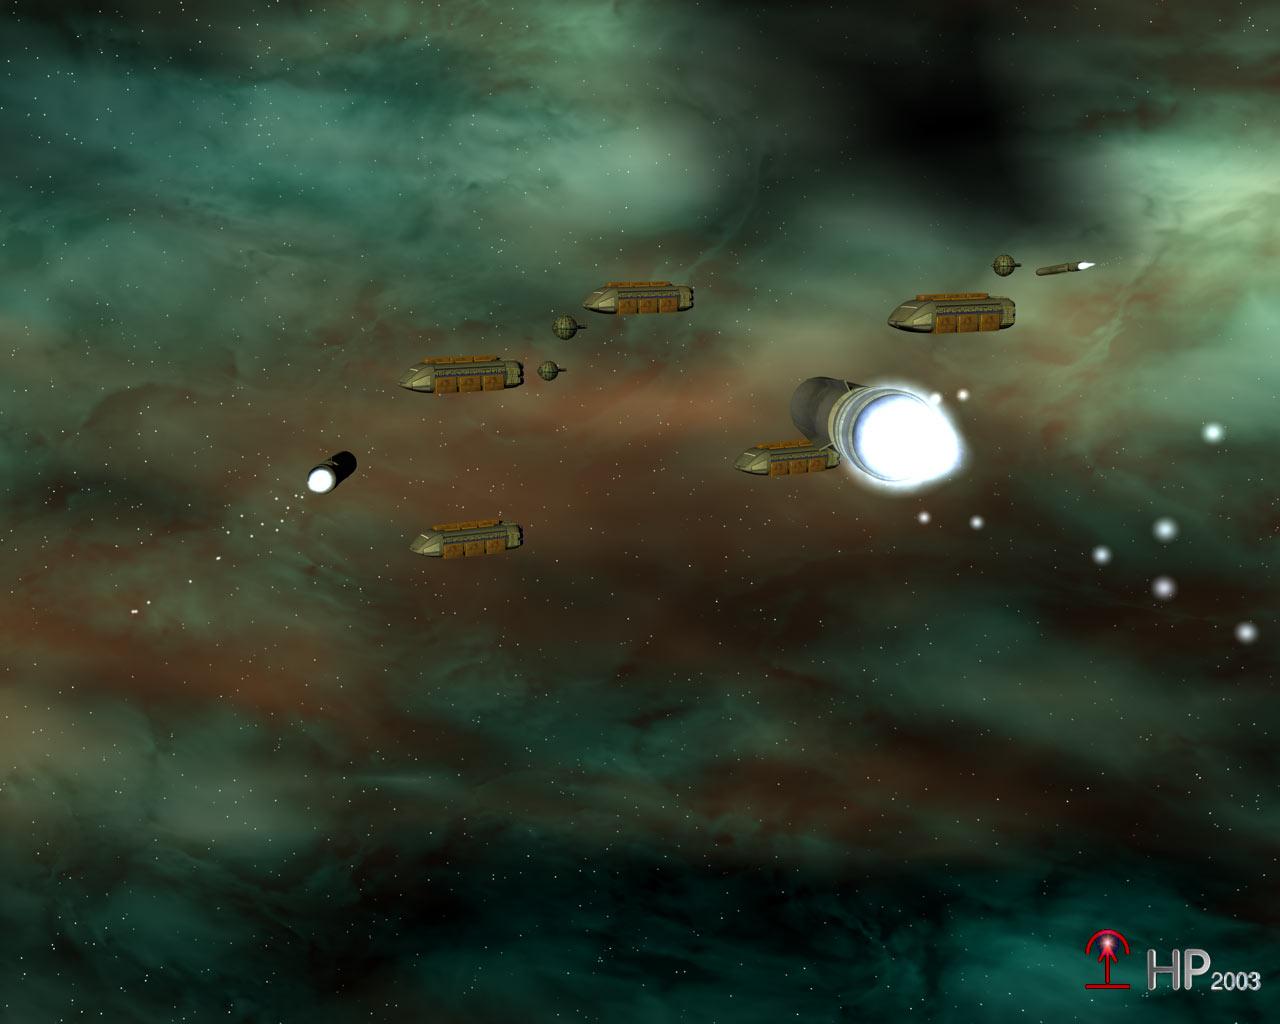 Torpedos im Weltall. Die tödlichen Raketen steuern auf einen Konvoi zu. (C) Heiko Popp